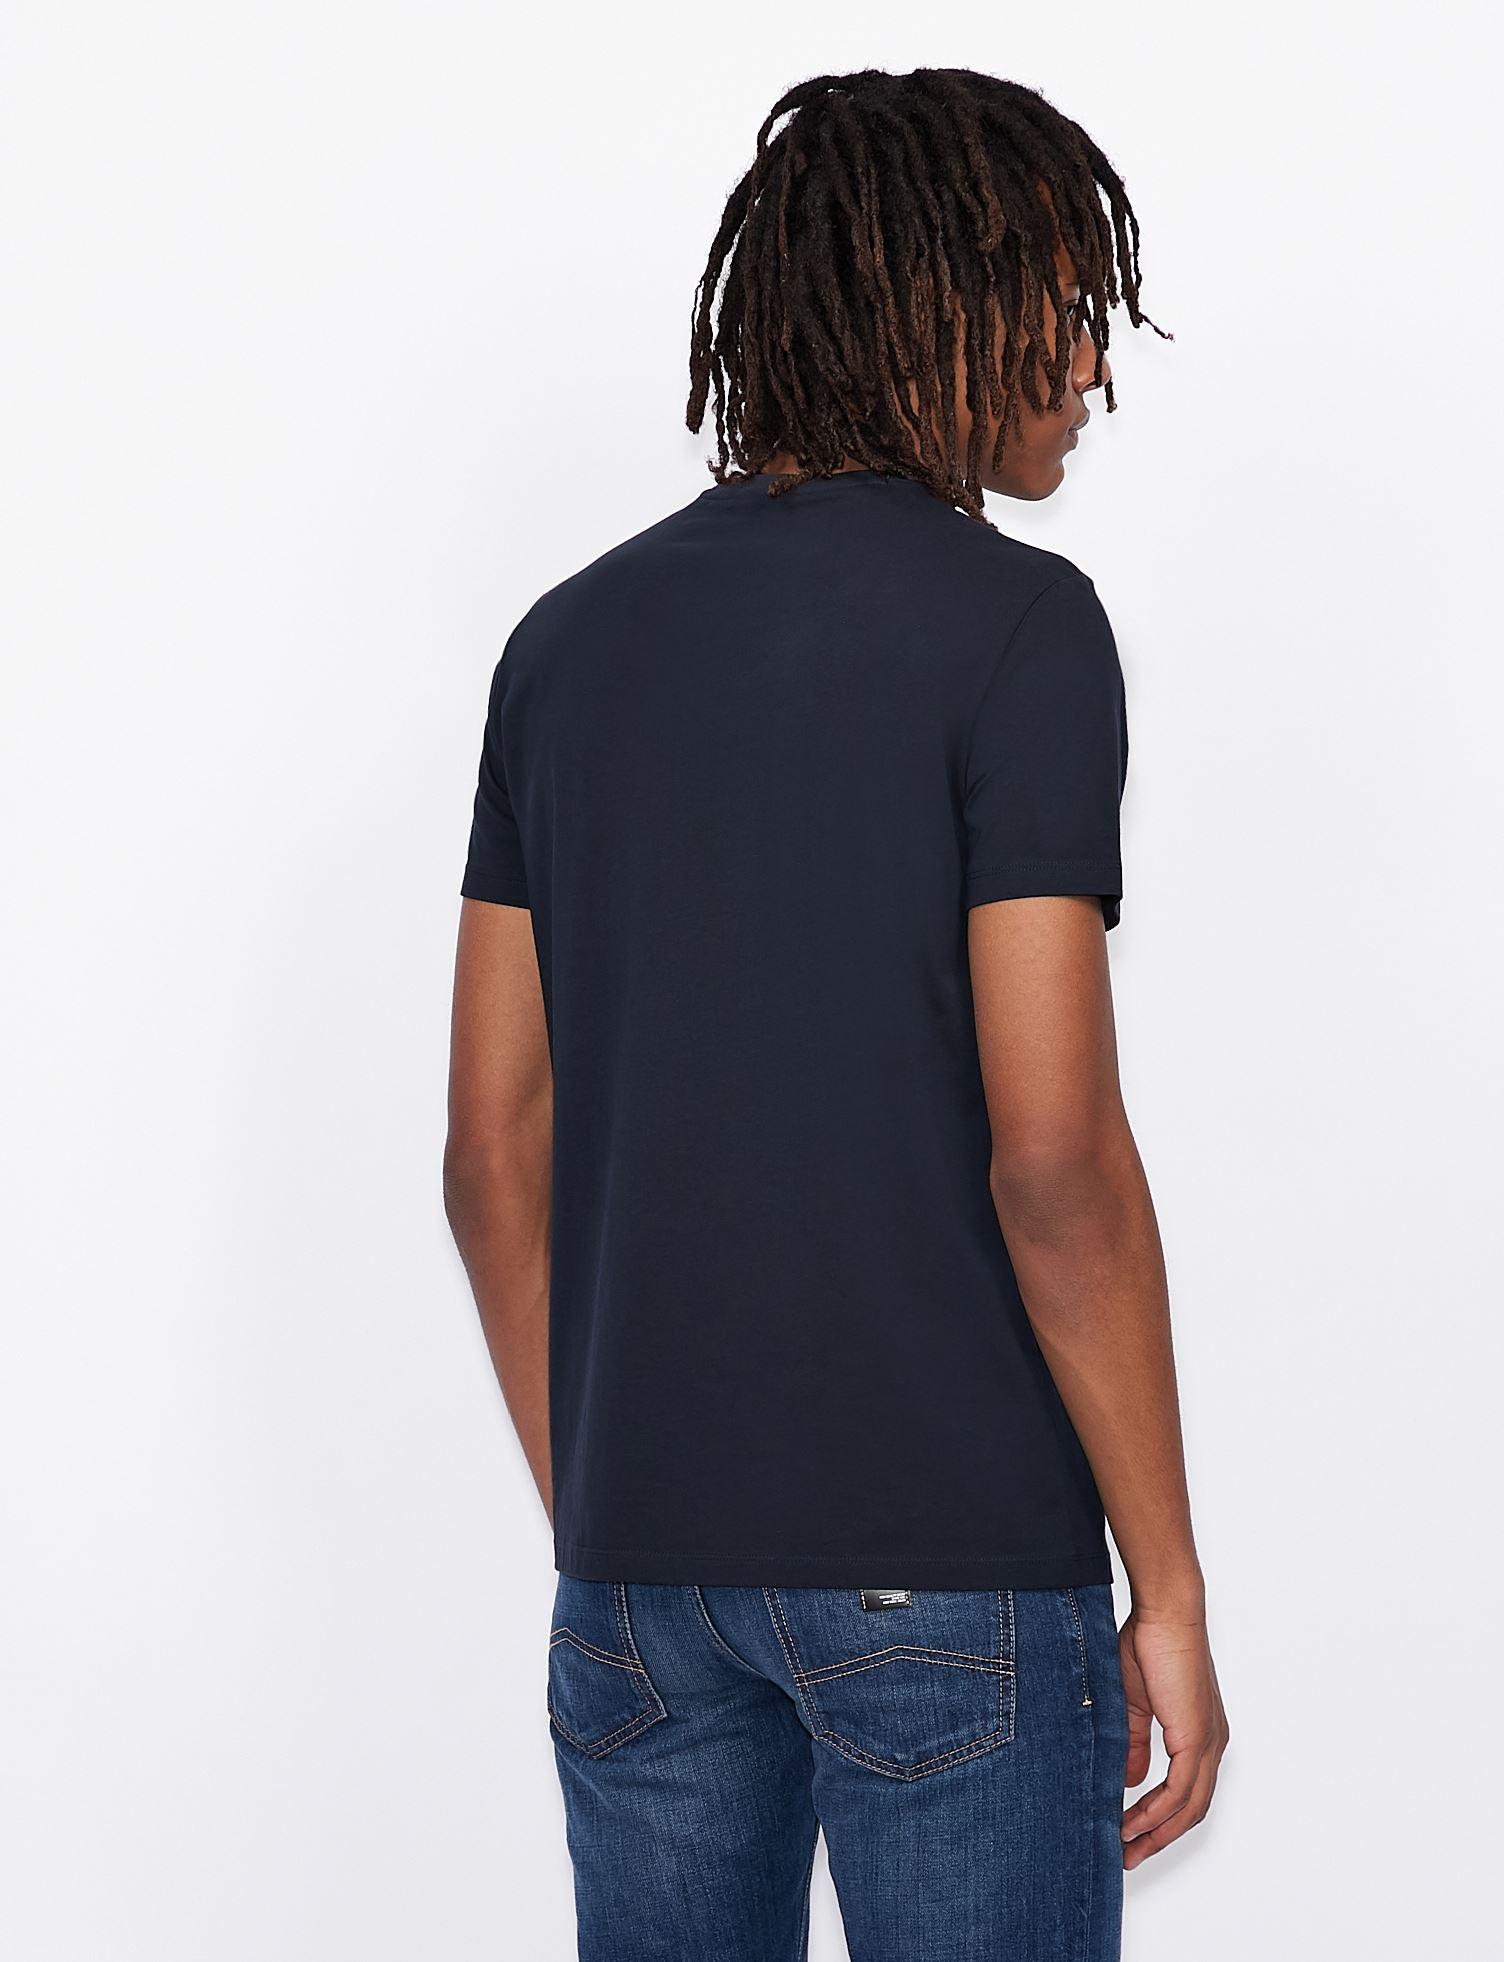 T-shirt slim fit Armani exchange ARMANI EXCHANGE   T-shirt   3KZTGP-ZJBVZ1510